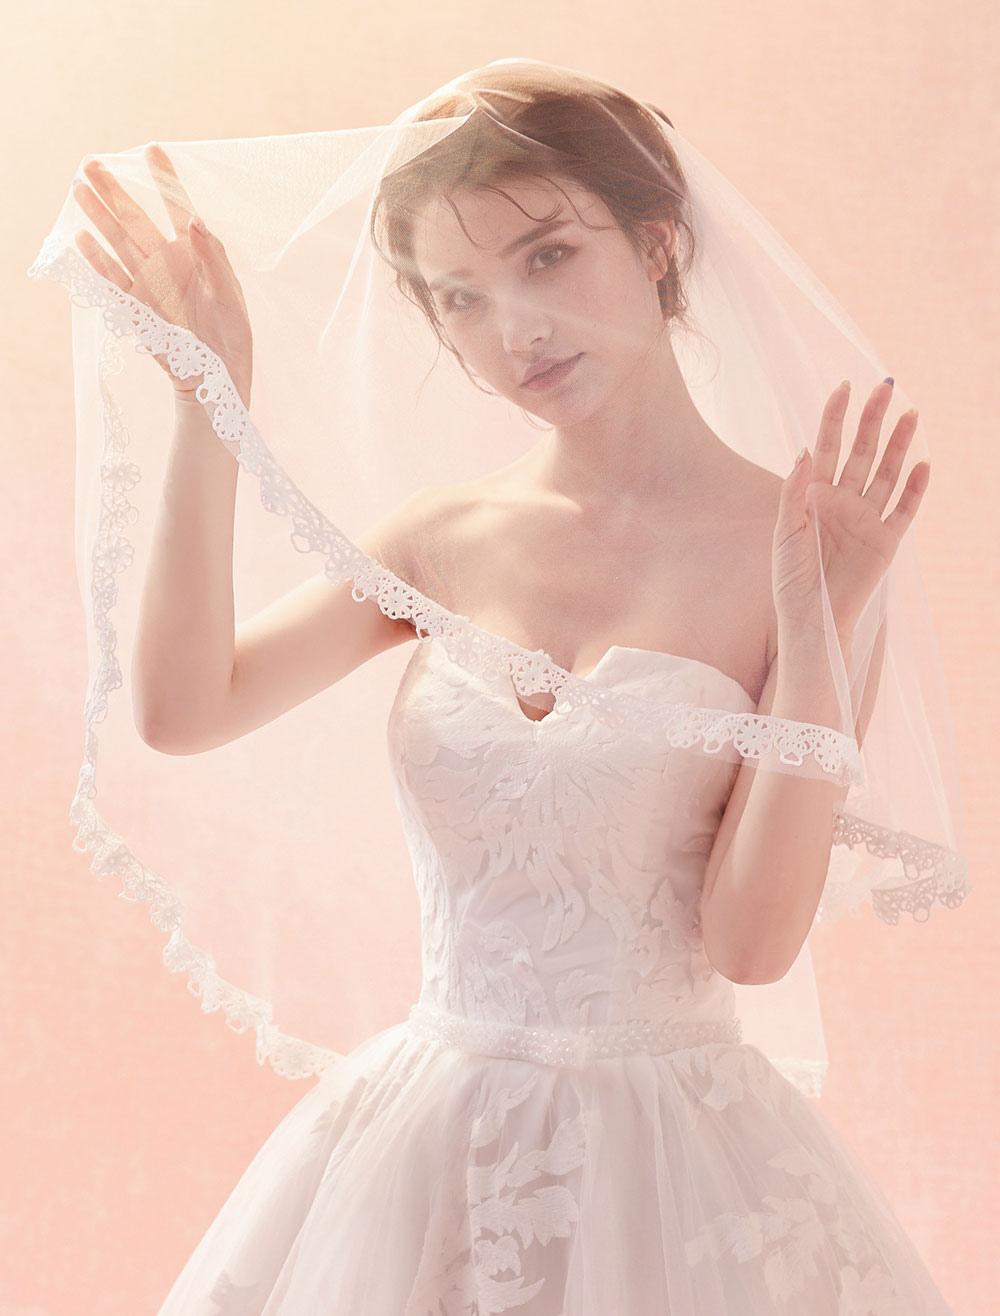 Wedding Veil Ivory Lace Applique Edge One Tier Bridal Veil